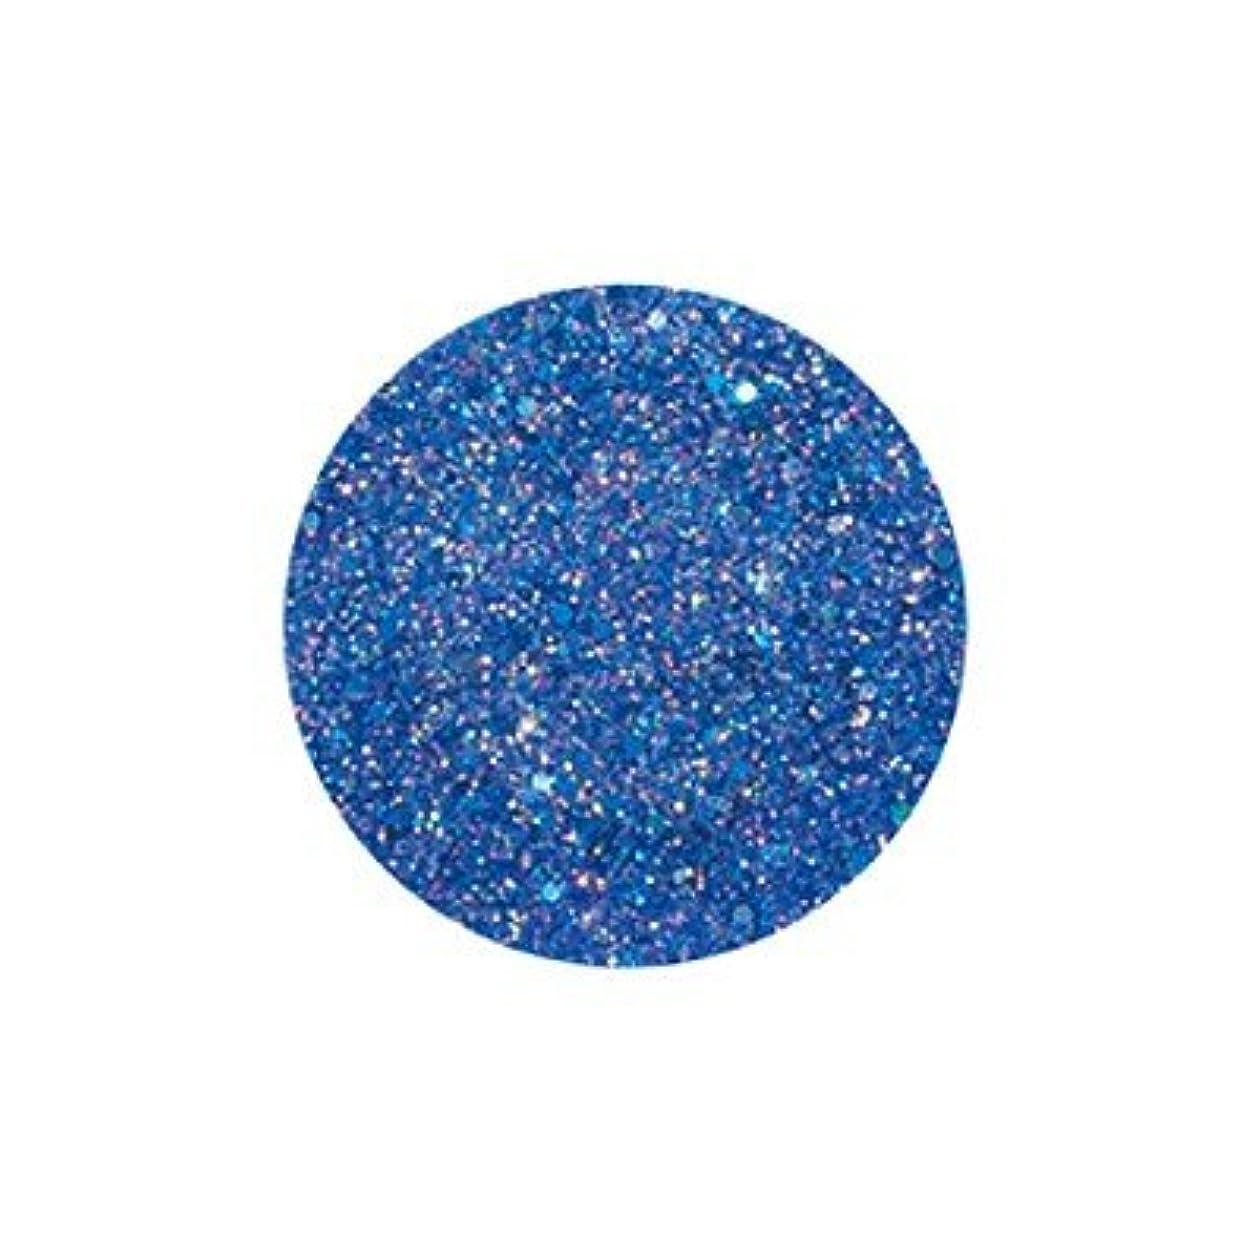 つまずくインフラ聖域FANTASY NAIL ダイヤモンドコレクション 3g 4263XS カラーパウダー アート材